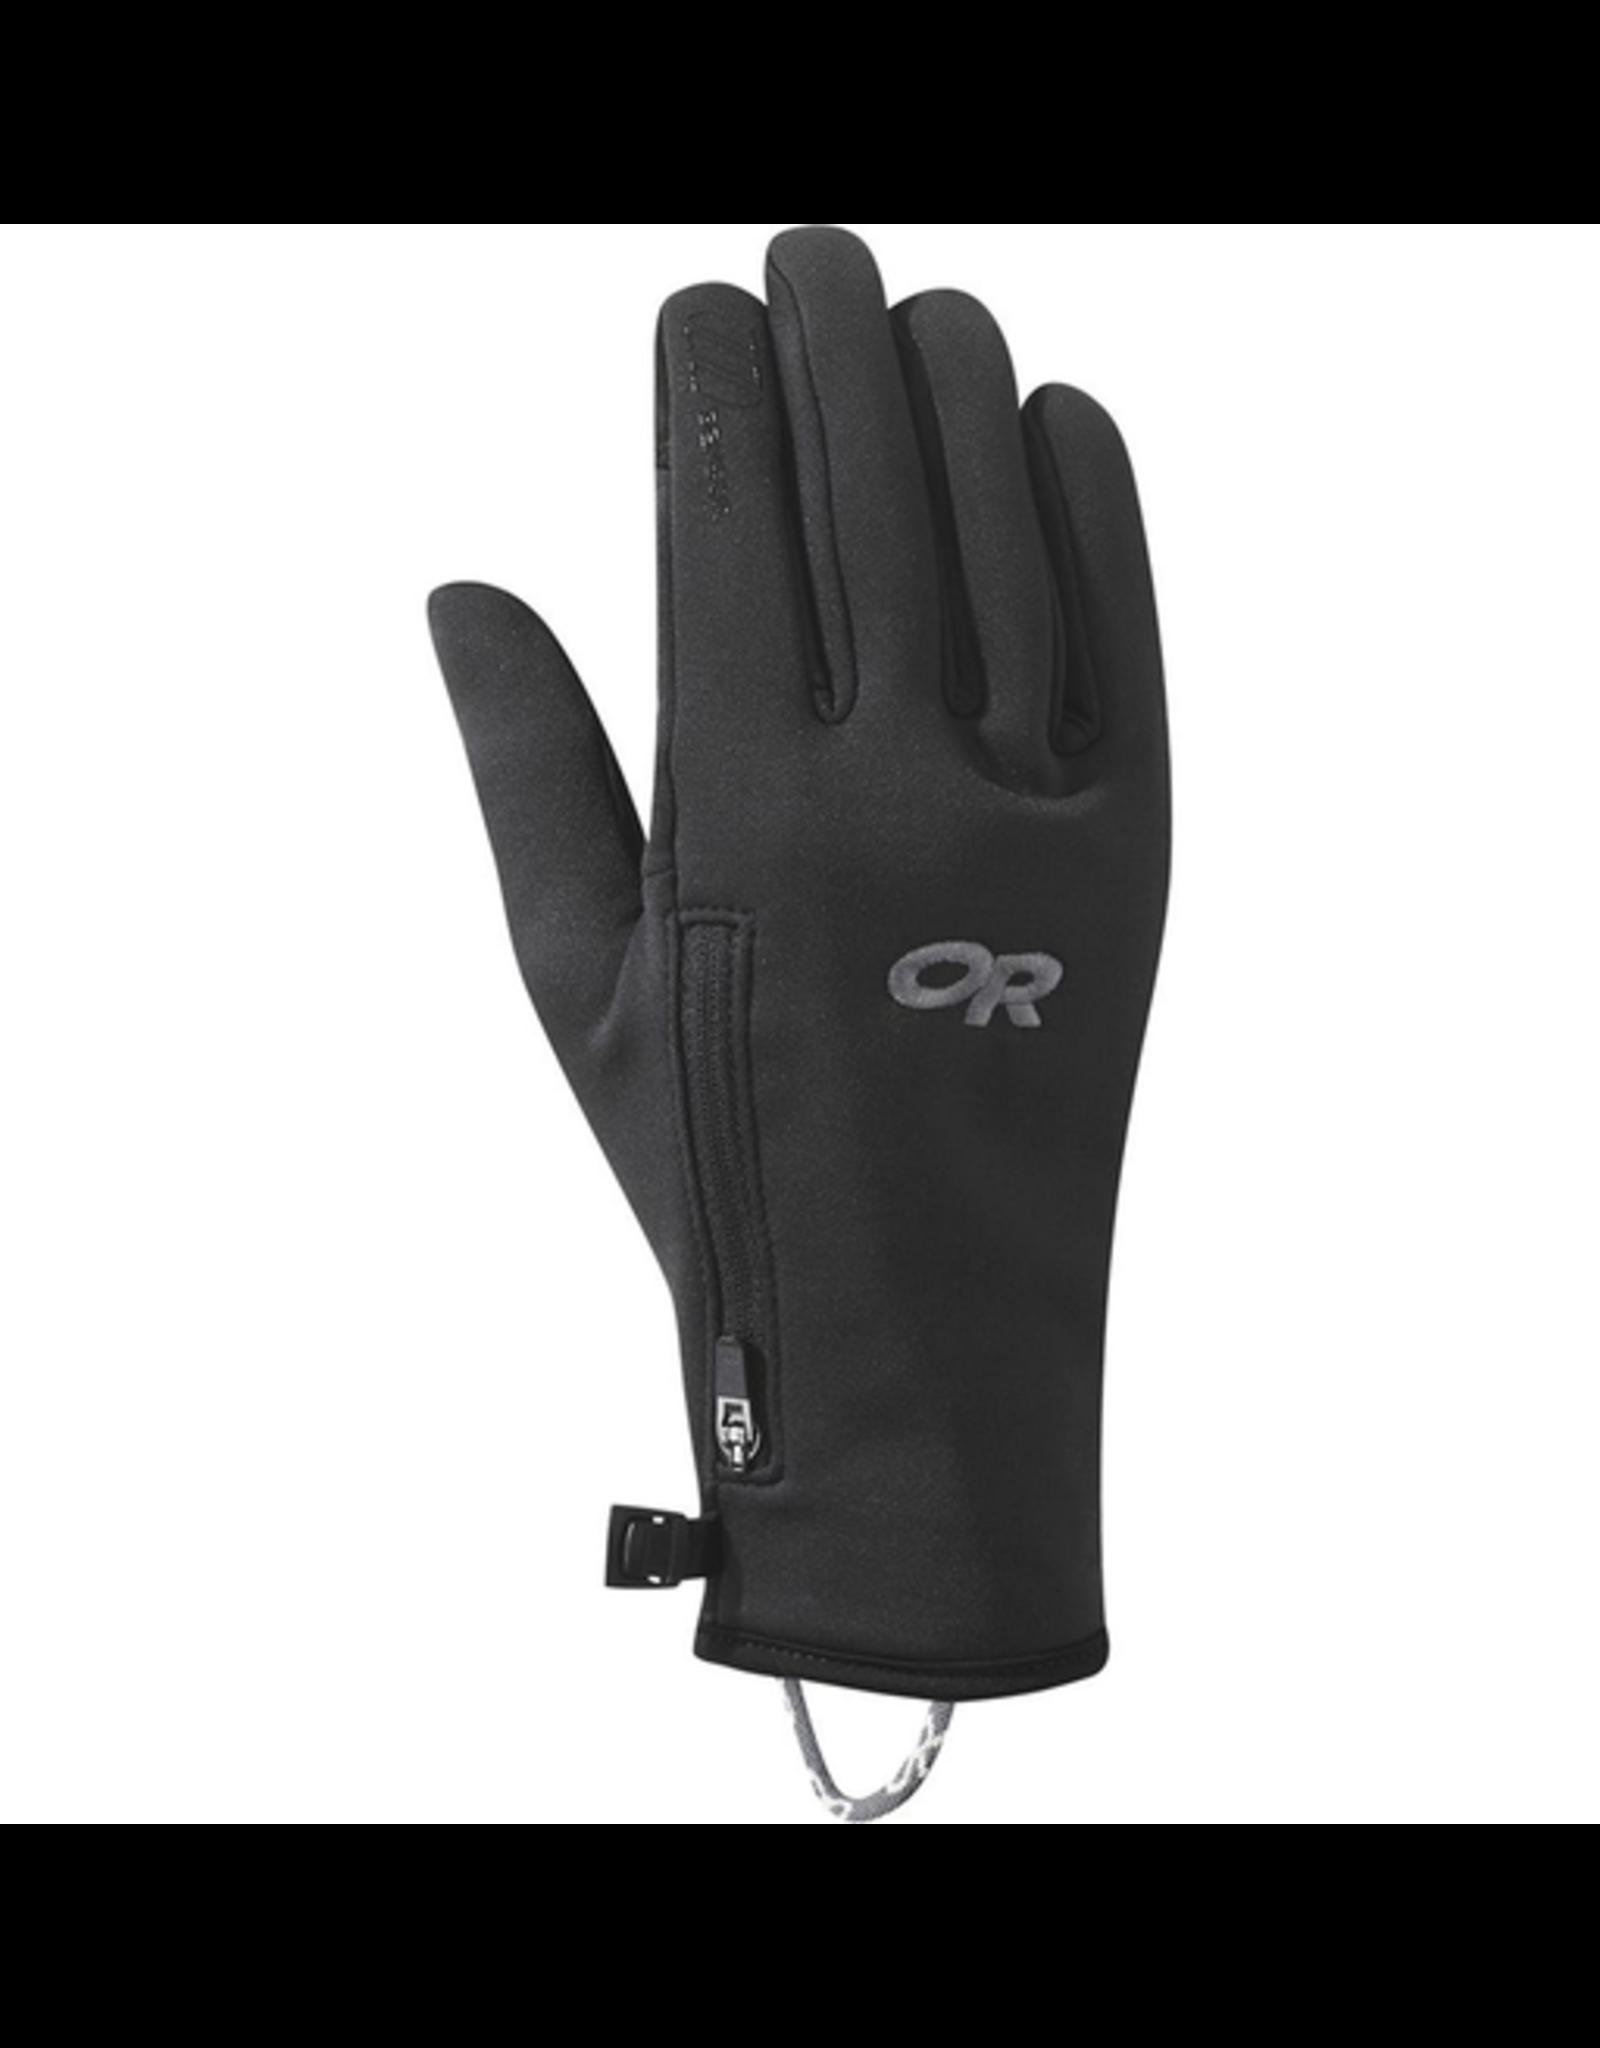 Outdoor Research Outdoor Research Women's Versaliner Sensor Gloves